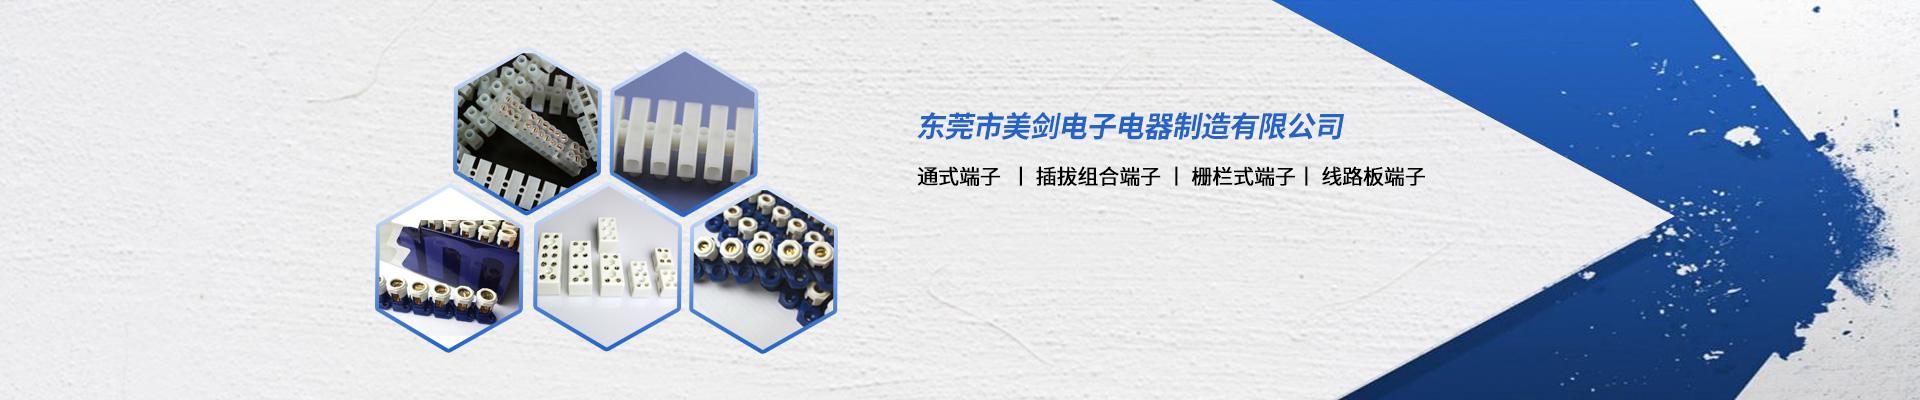 东莞市美剑电子电器制造有限公司